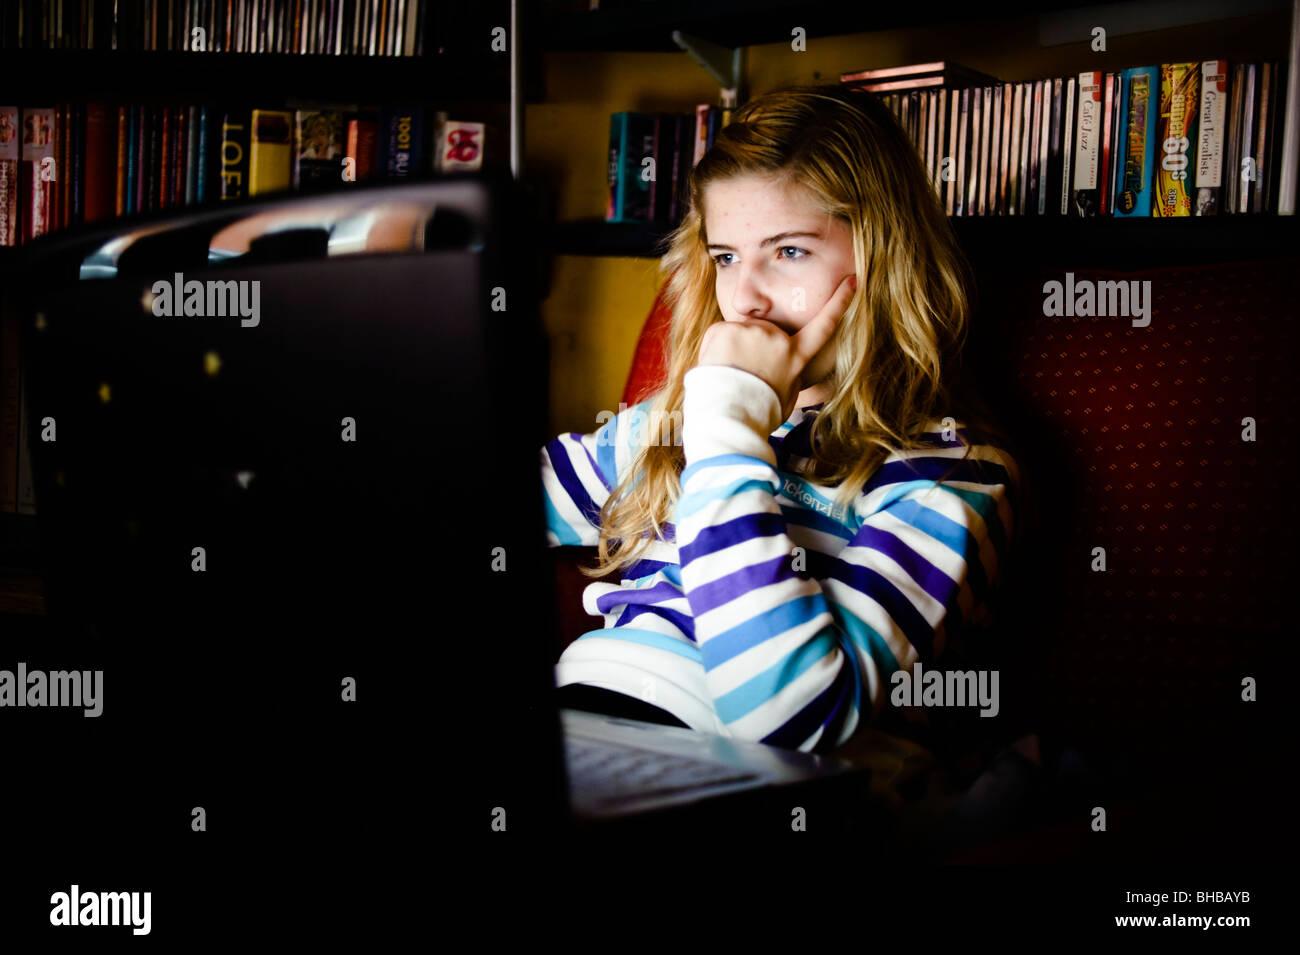 Adolescente usando un ordenador portátil en casa, REINO UNIDO - comprobación de su cuenta de red social Imagen De Stock